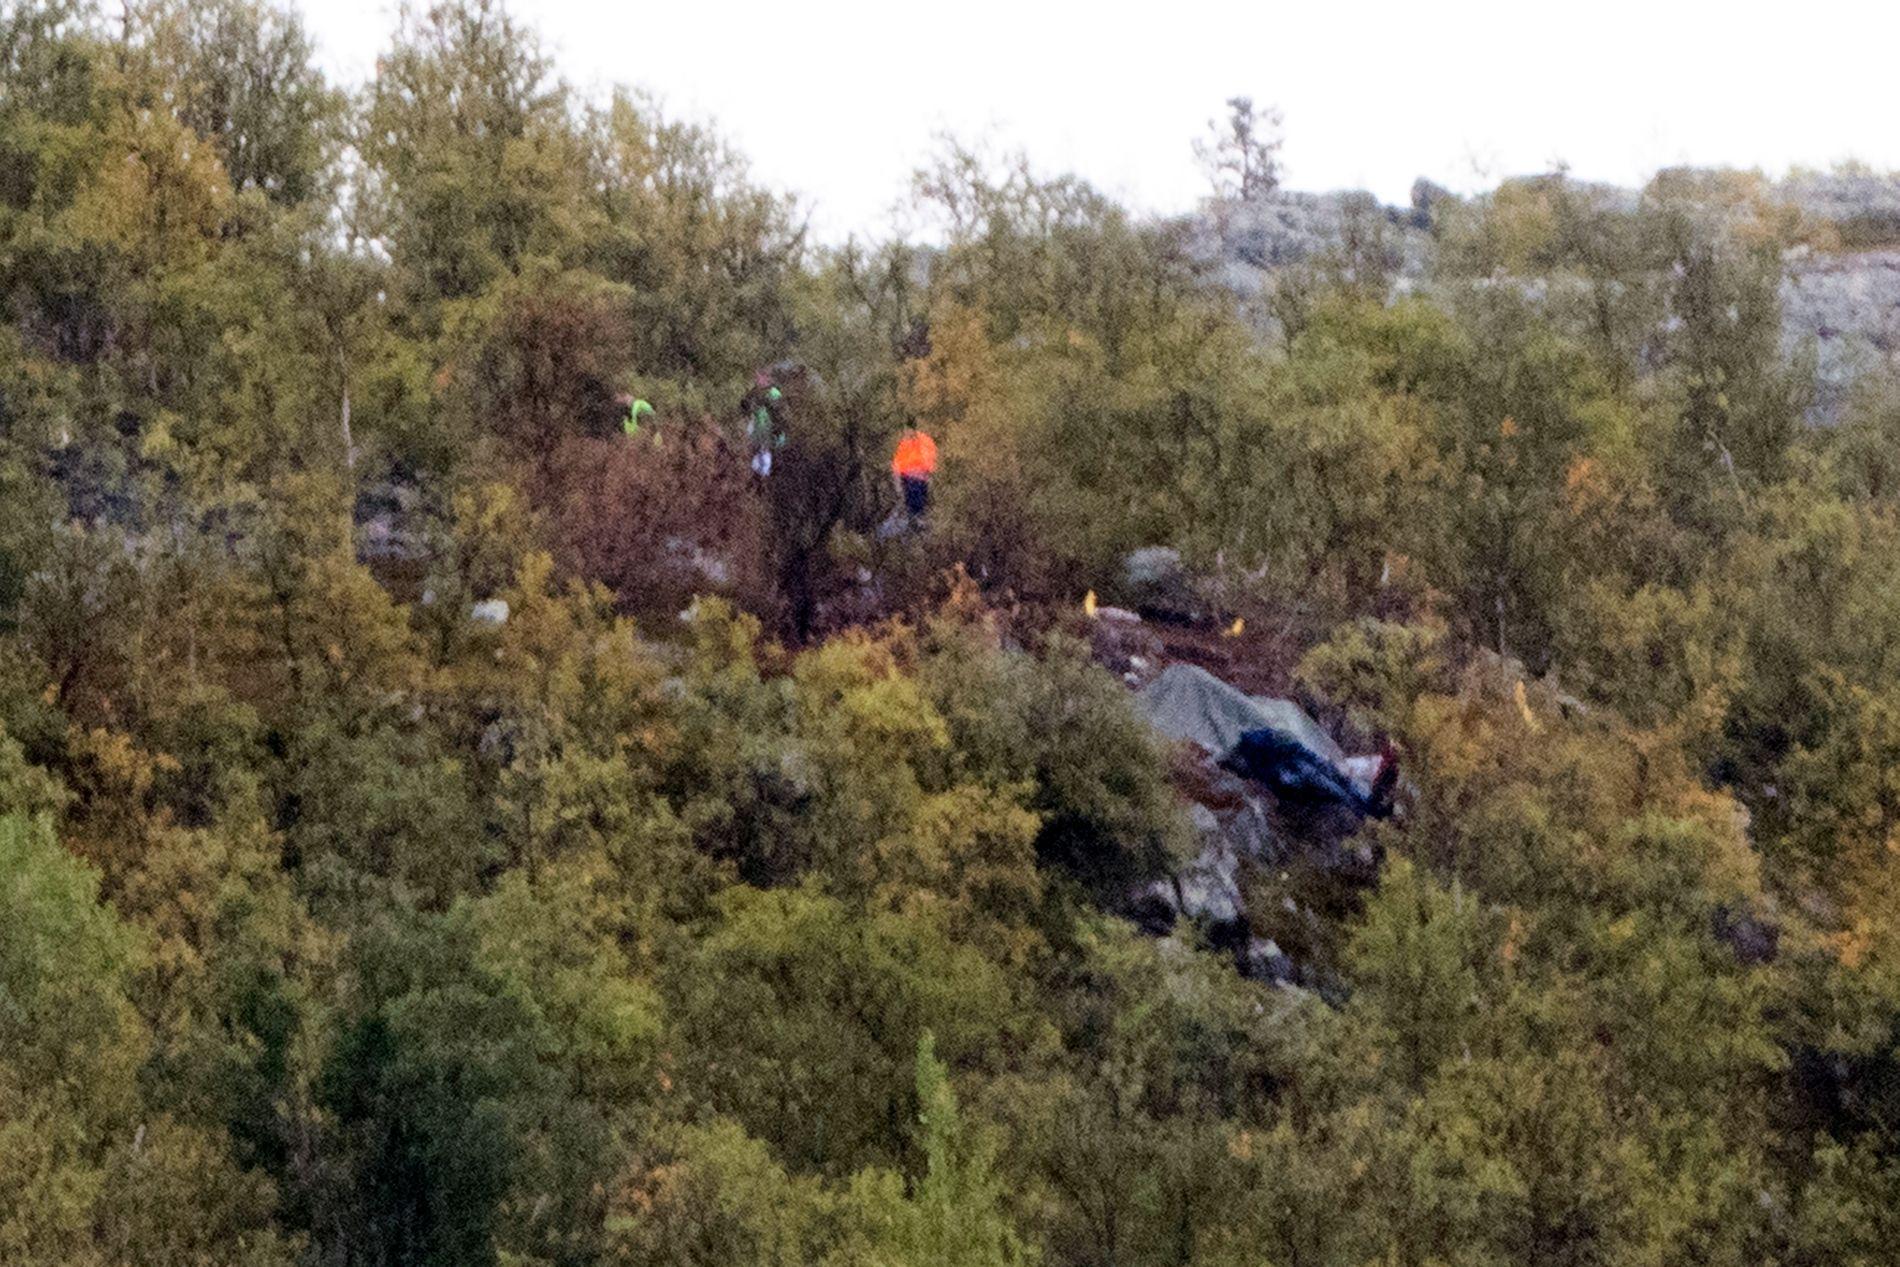 ULYKKESSTEDET: Mannskaper fra politiet og Havarikommisjonen på ulykkesstedet der et helikopter fra Helitrans styrtet lørdag. Seks personer omkom i ulykken.